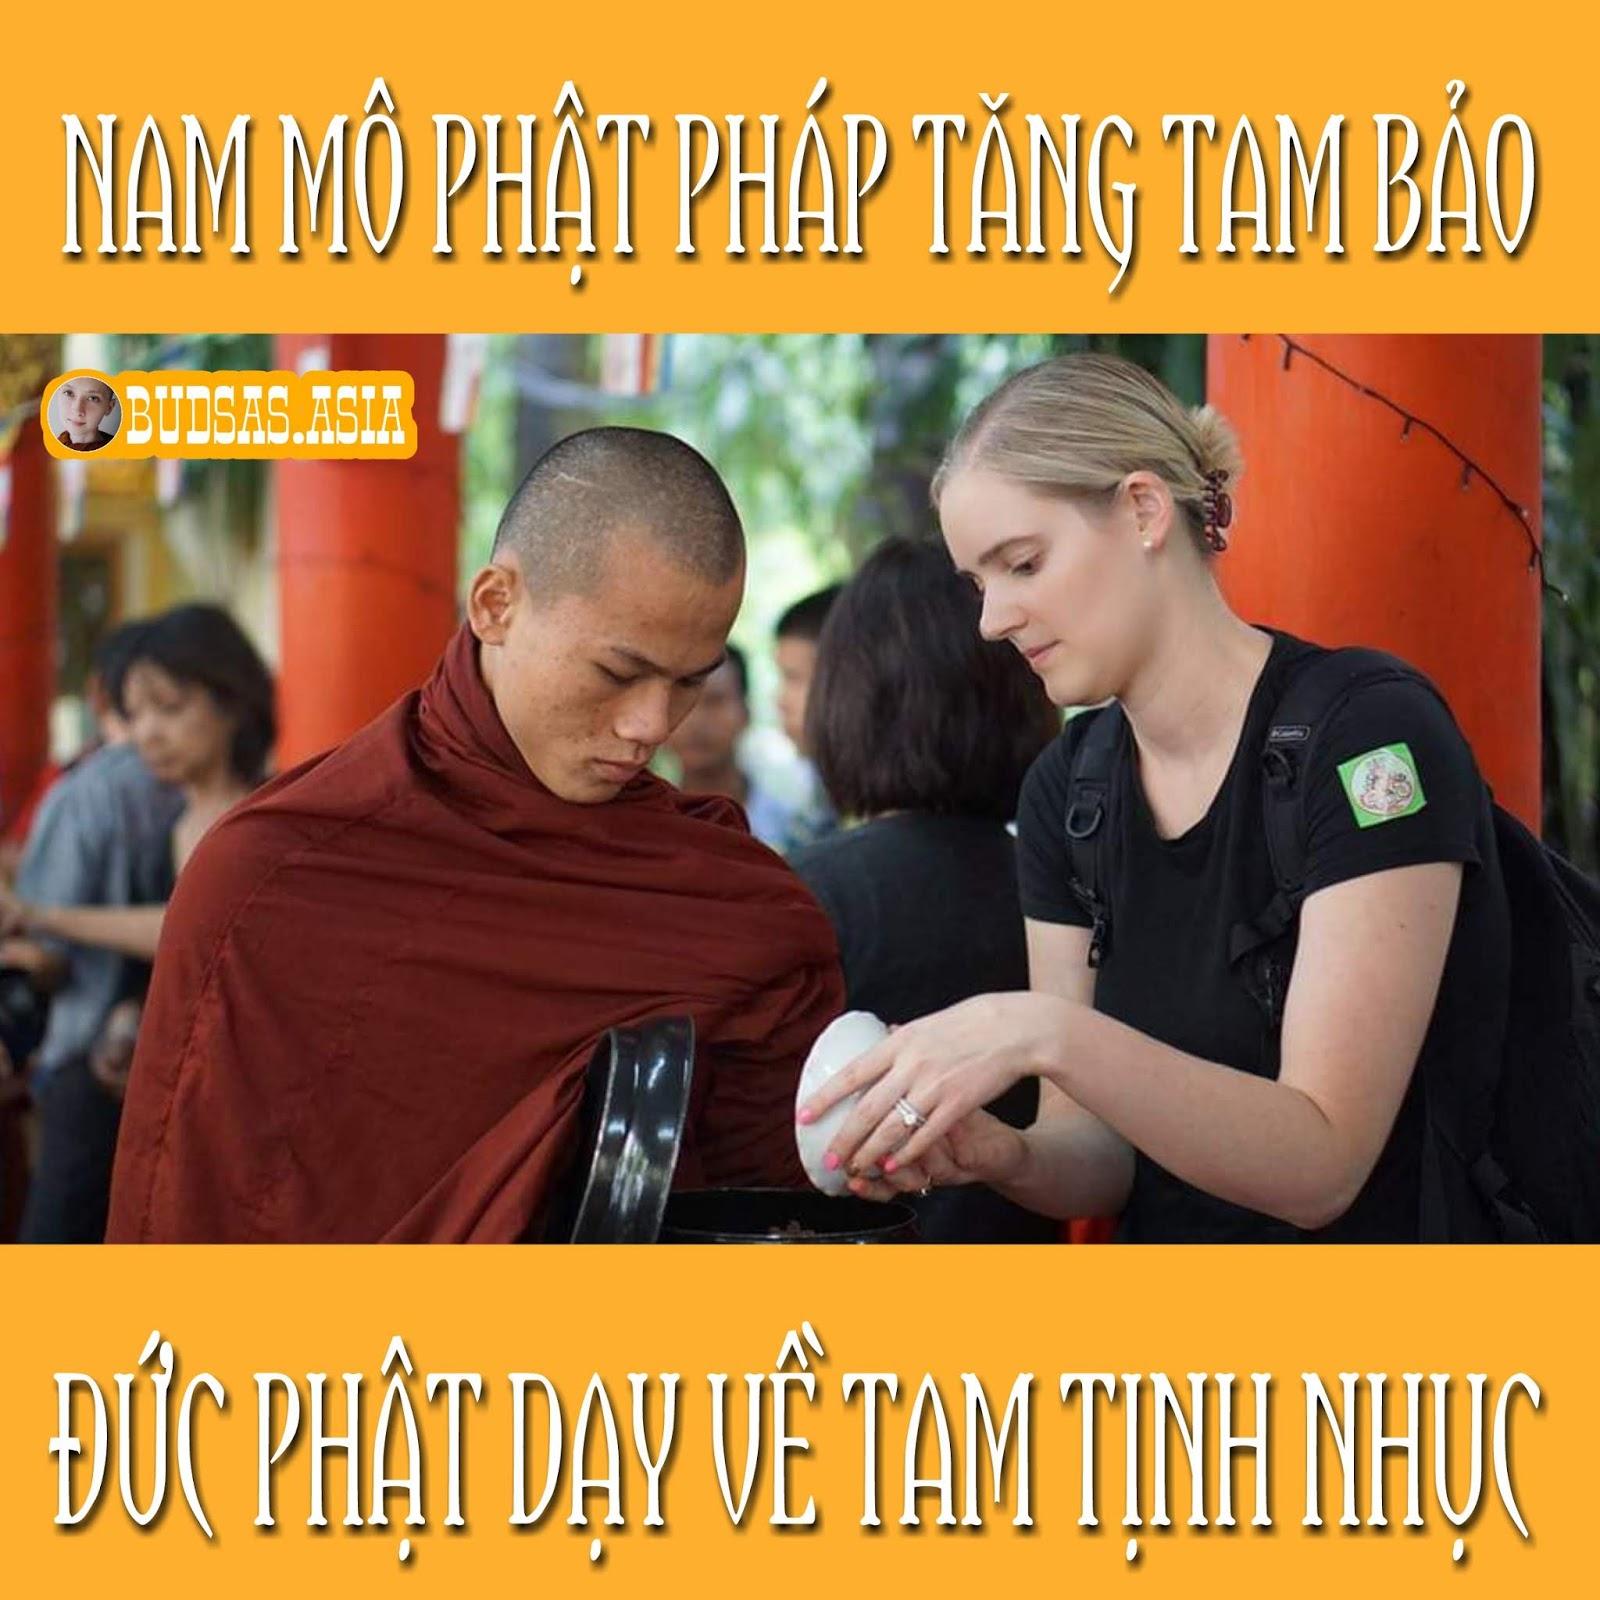 """Đức Phật dạy về """"Tam tịnh nhục"""" - vì sao có vị xuất gia thọ đồ """"mặn""""?"""